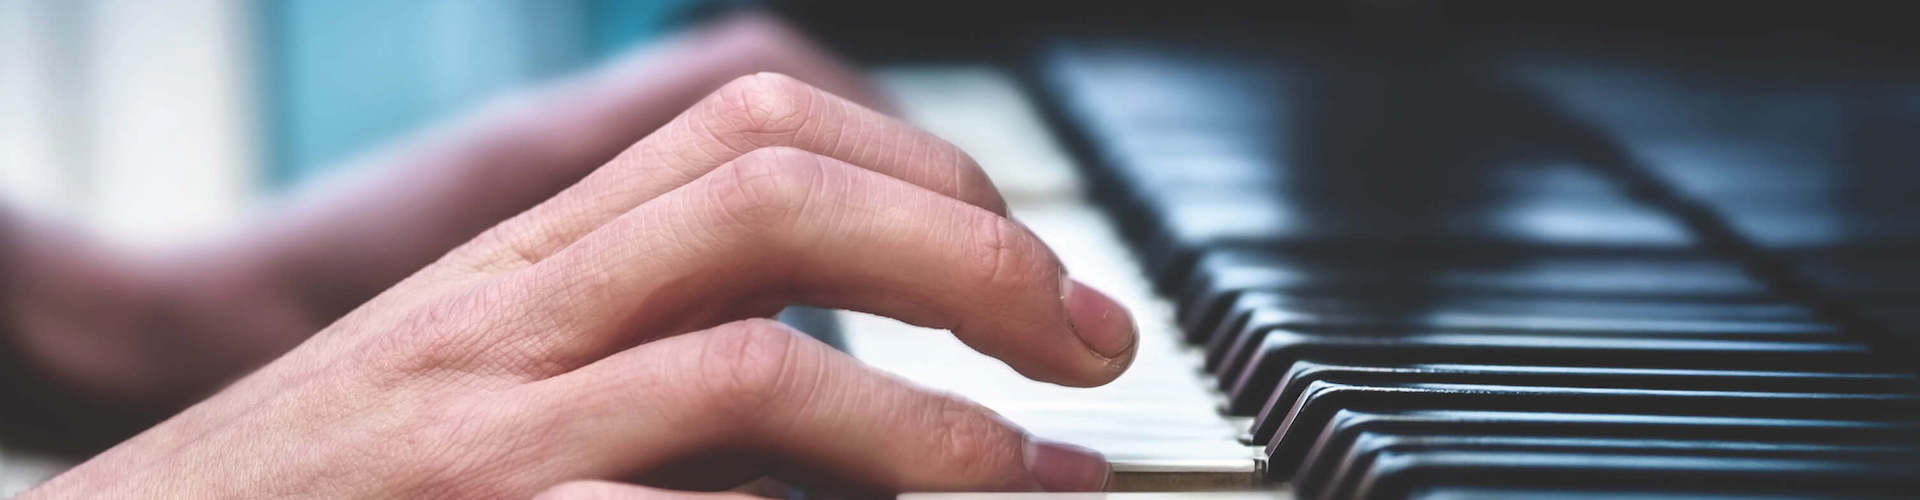 Piano 1920×500